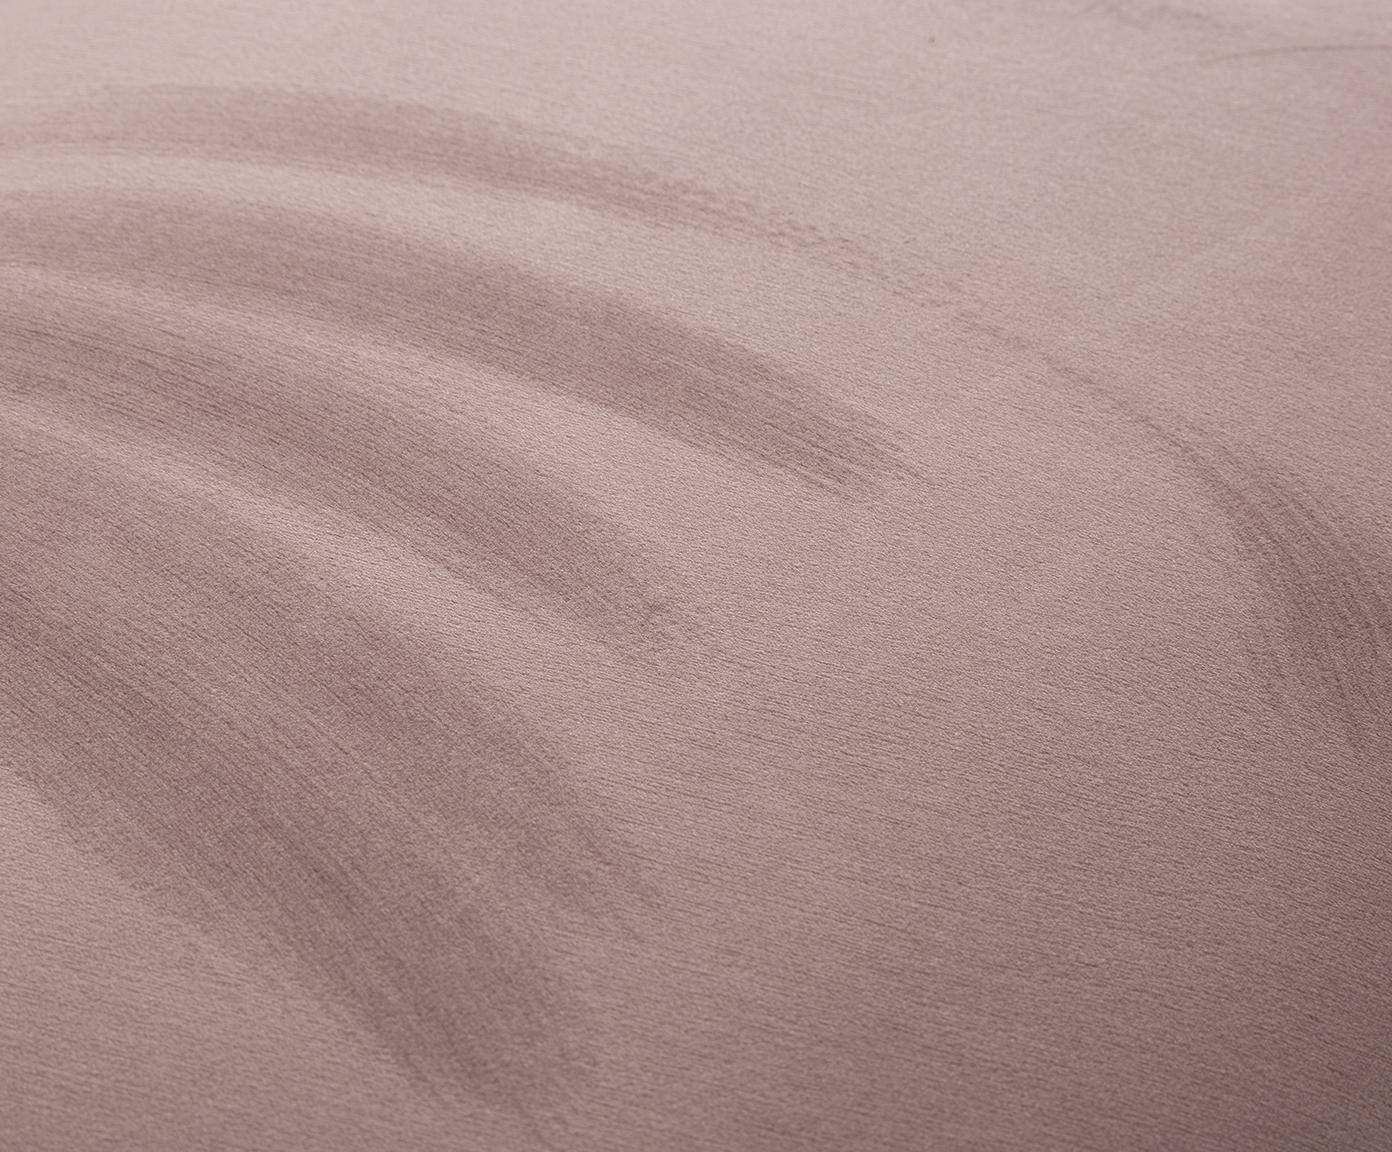 Stołek z aksamitu z oparciem Alison, Tapicerka: aksamit, Stelaż: drewno naturalne, Nogi: drewno brzozowe, lakierow, Tapicerka: różowy Nogi: ciemny drewno naturalne, S 48 x W 65 cm